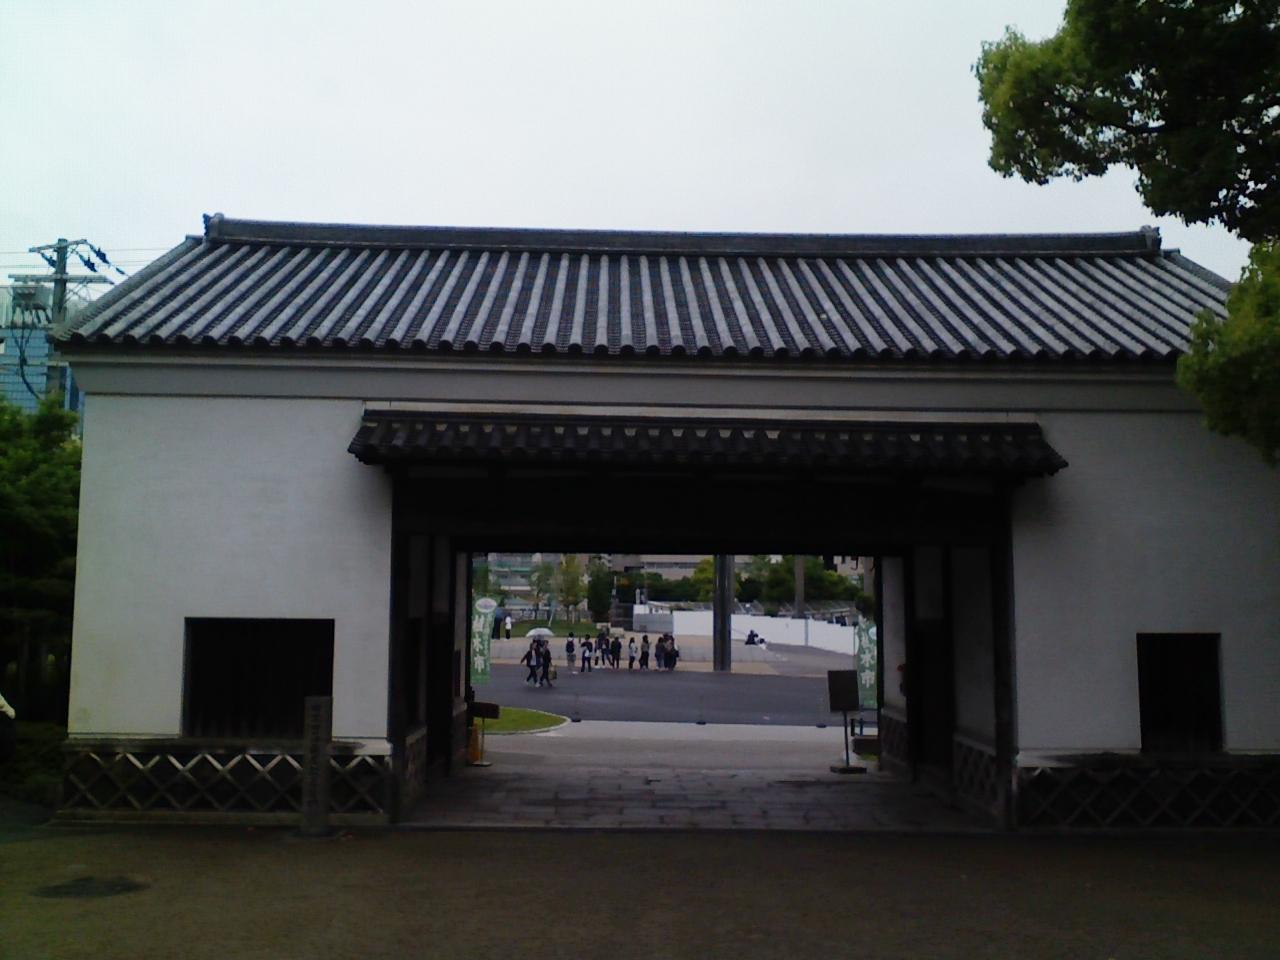 2018_08_05_旧黒田藩蔵屋敷長屋門